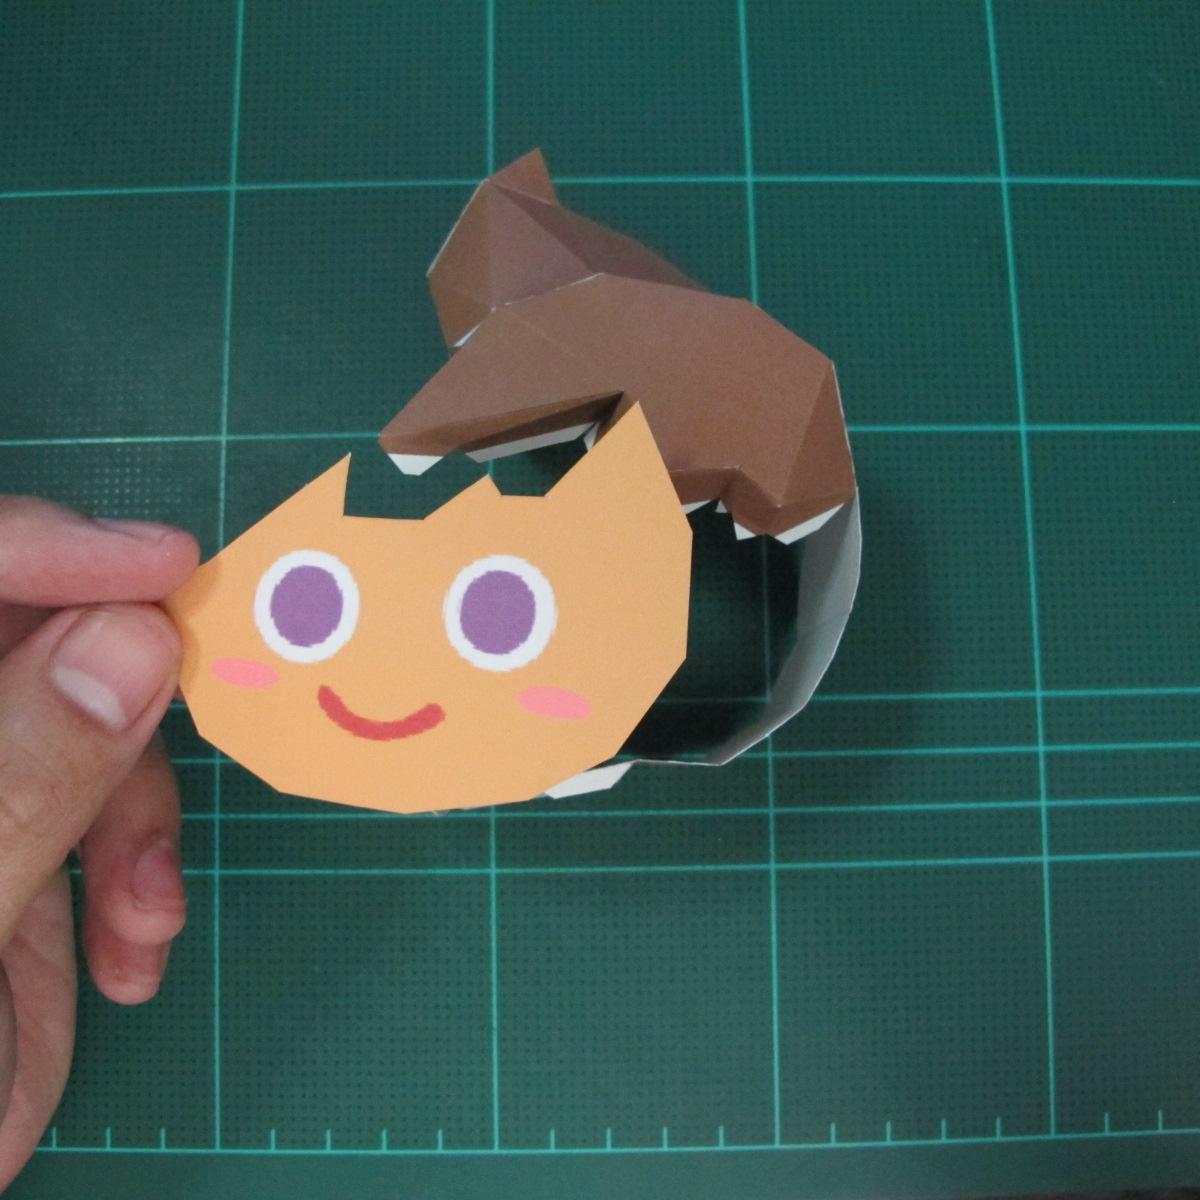 วิธีทำโมเดลกระดาษตุ้กตา คุกกี้สาวผู้ร่าเริง จากเกมส์คุกกี้รัน (LINE Cookie Run – Bright Cookie Papercraft Model) 009